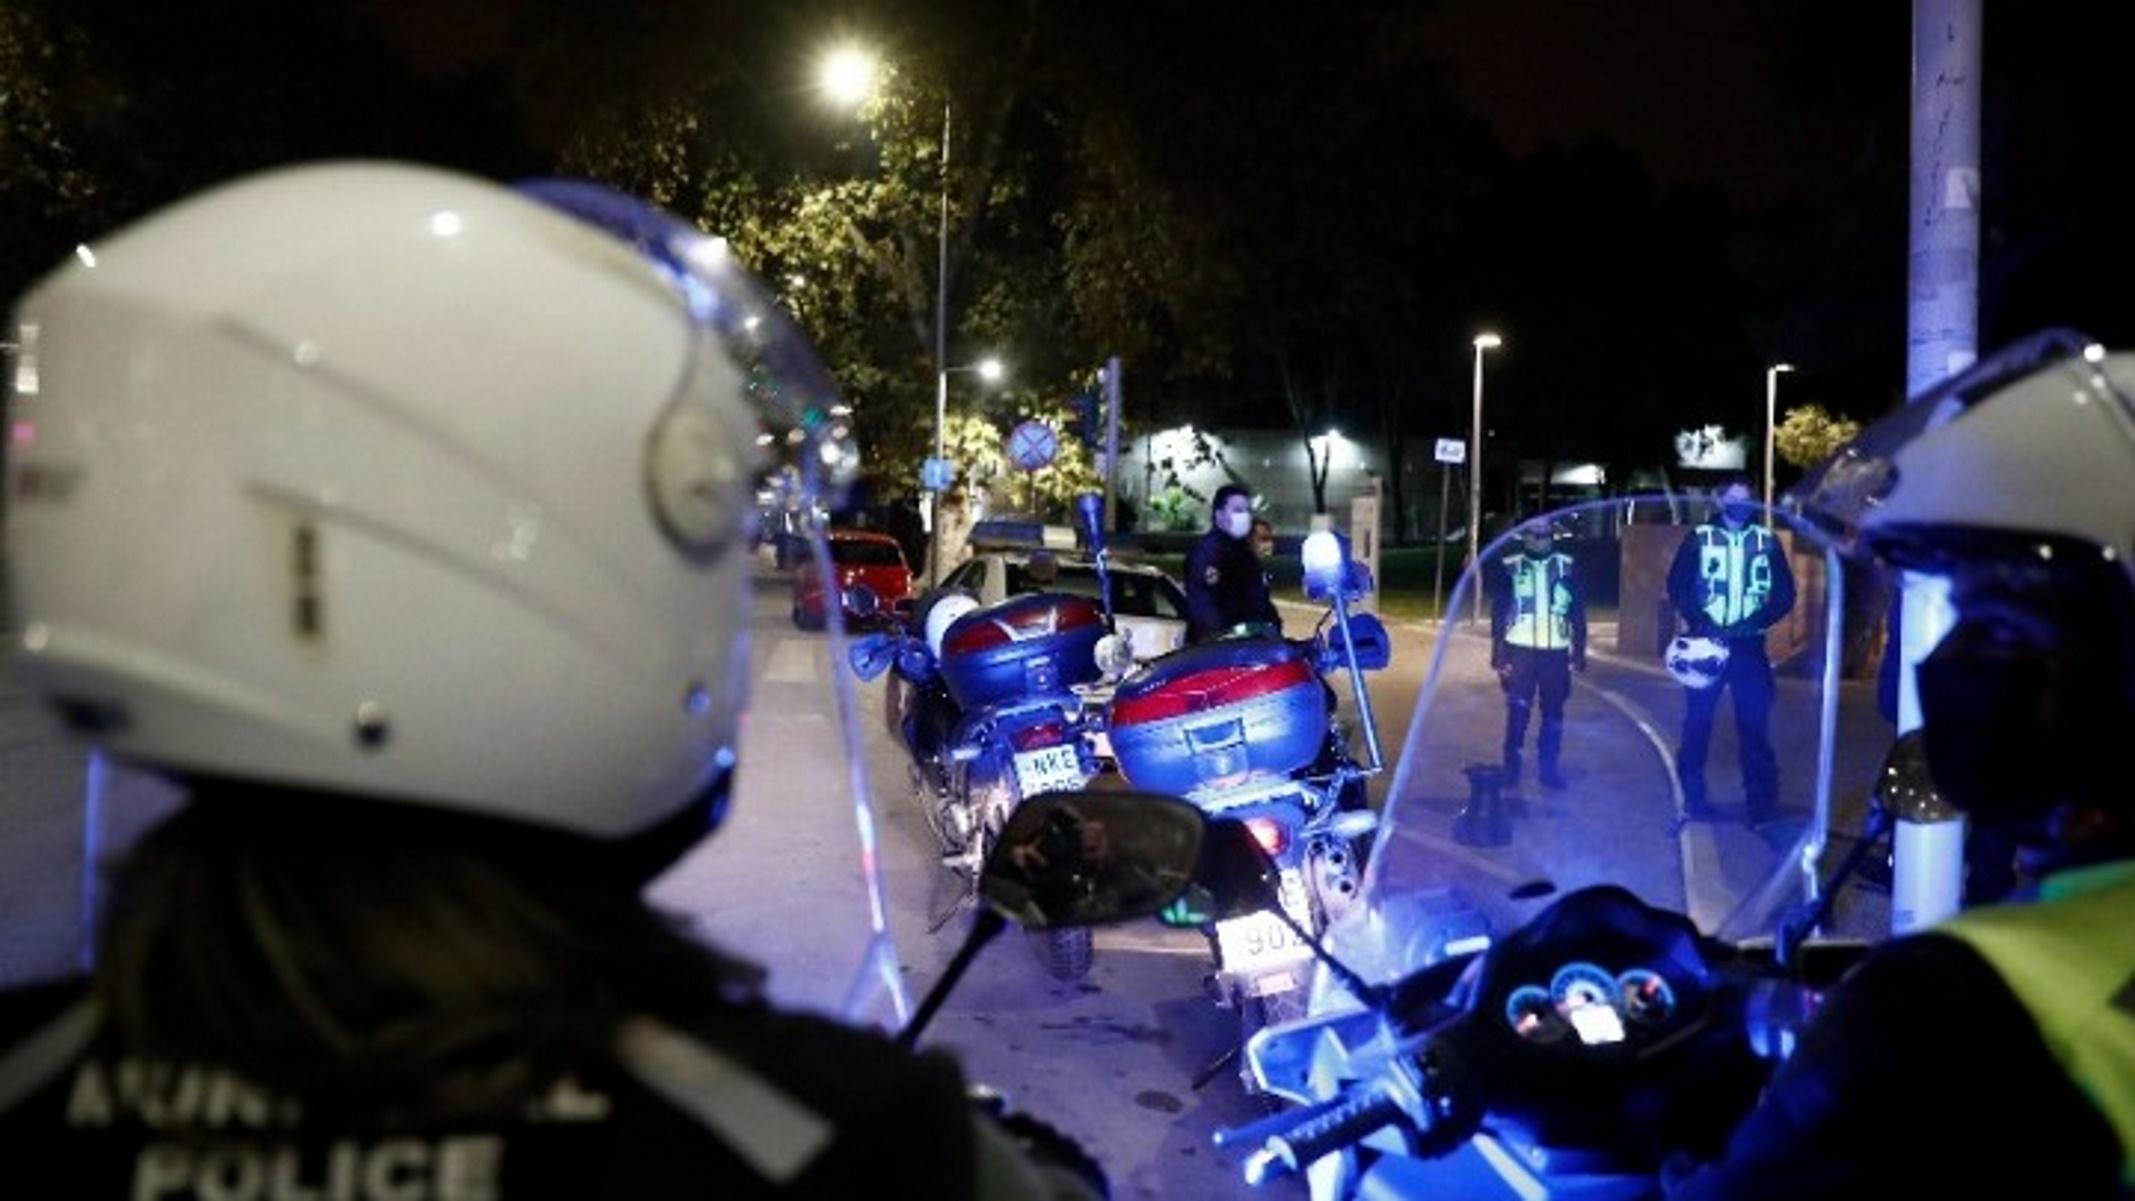 Καστρίτσι Αχαΐας: Πέταξαν πέτρες και ξύλα σε αστυνομικούς που τους «διέκοψαν» το γλέντι